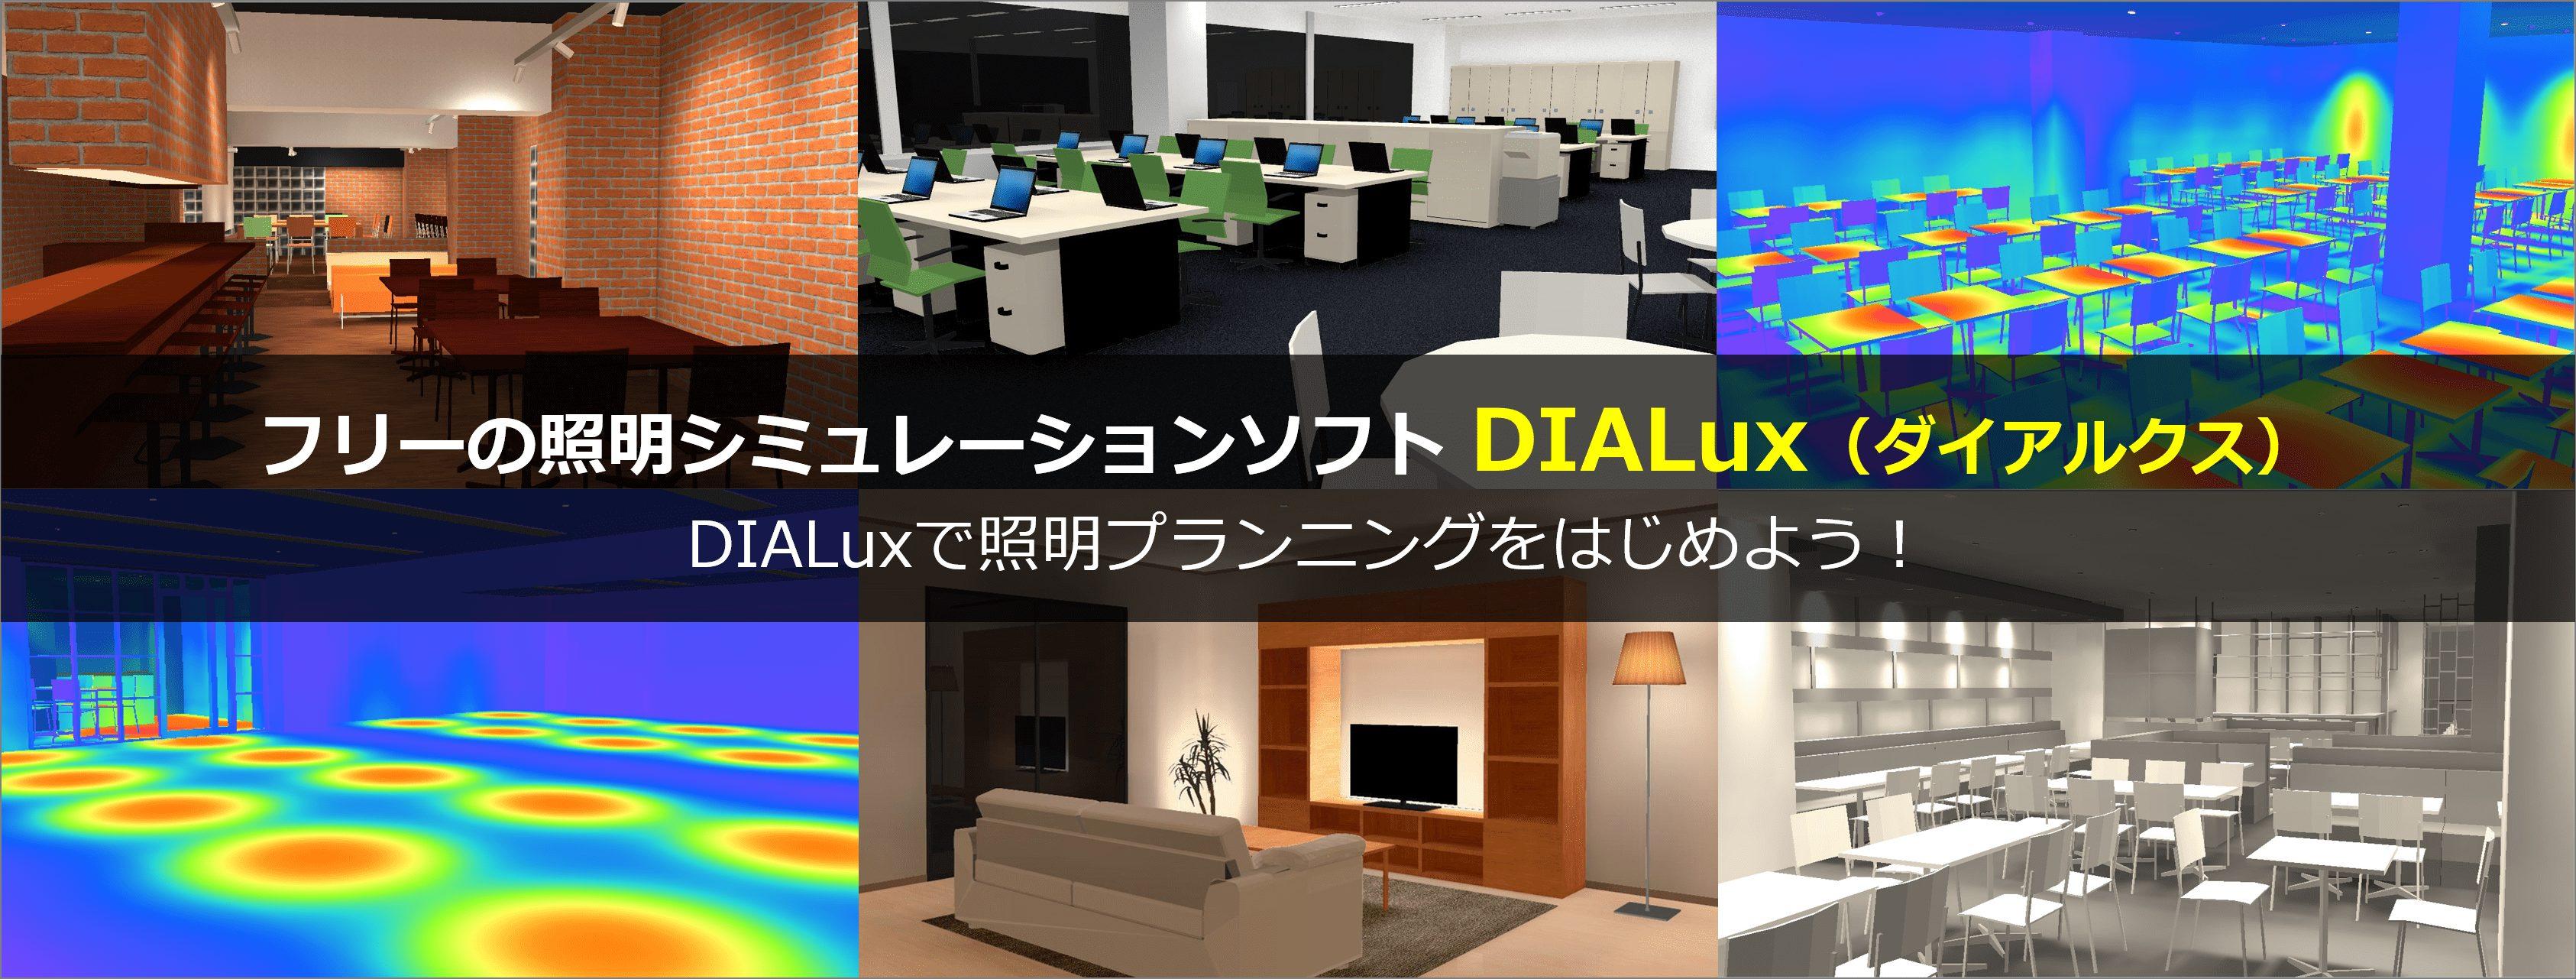 フリーの照明シミュレーションソフトDIALux